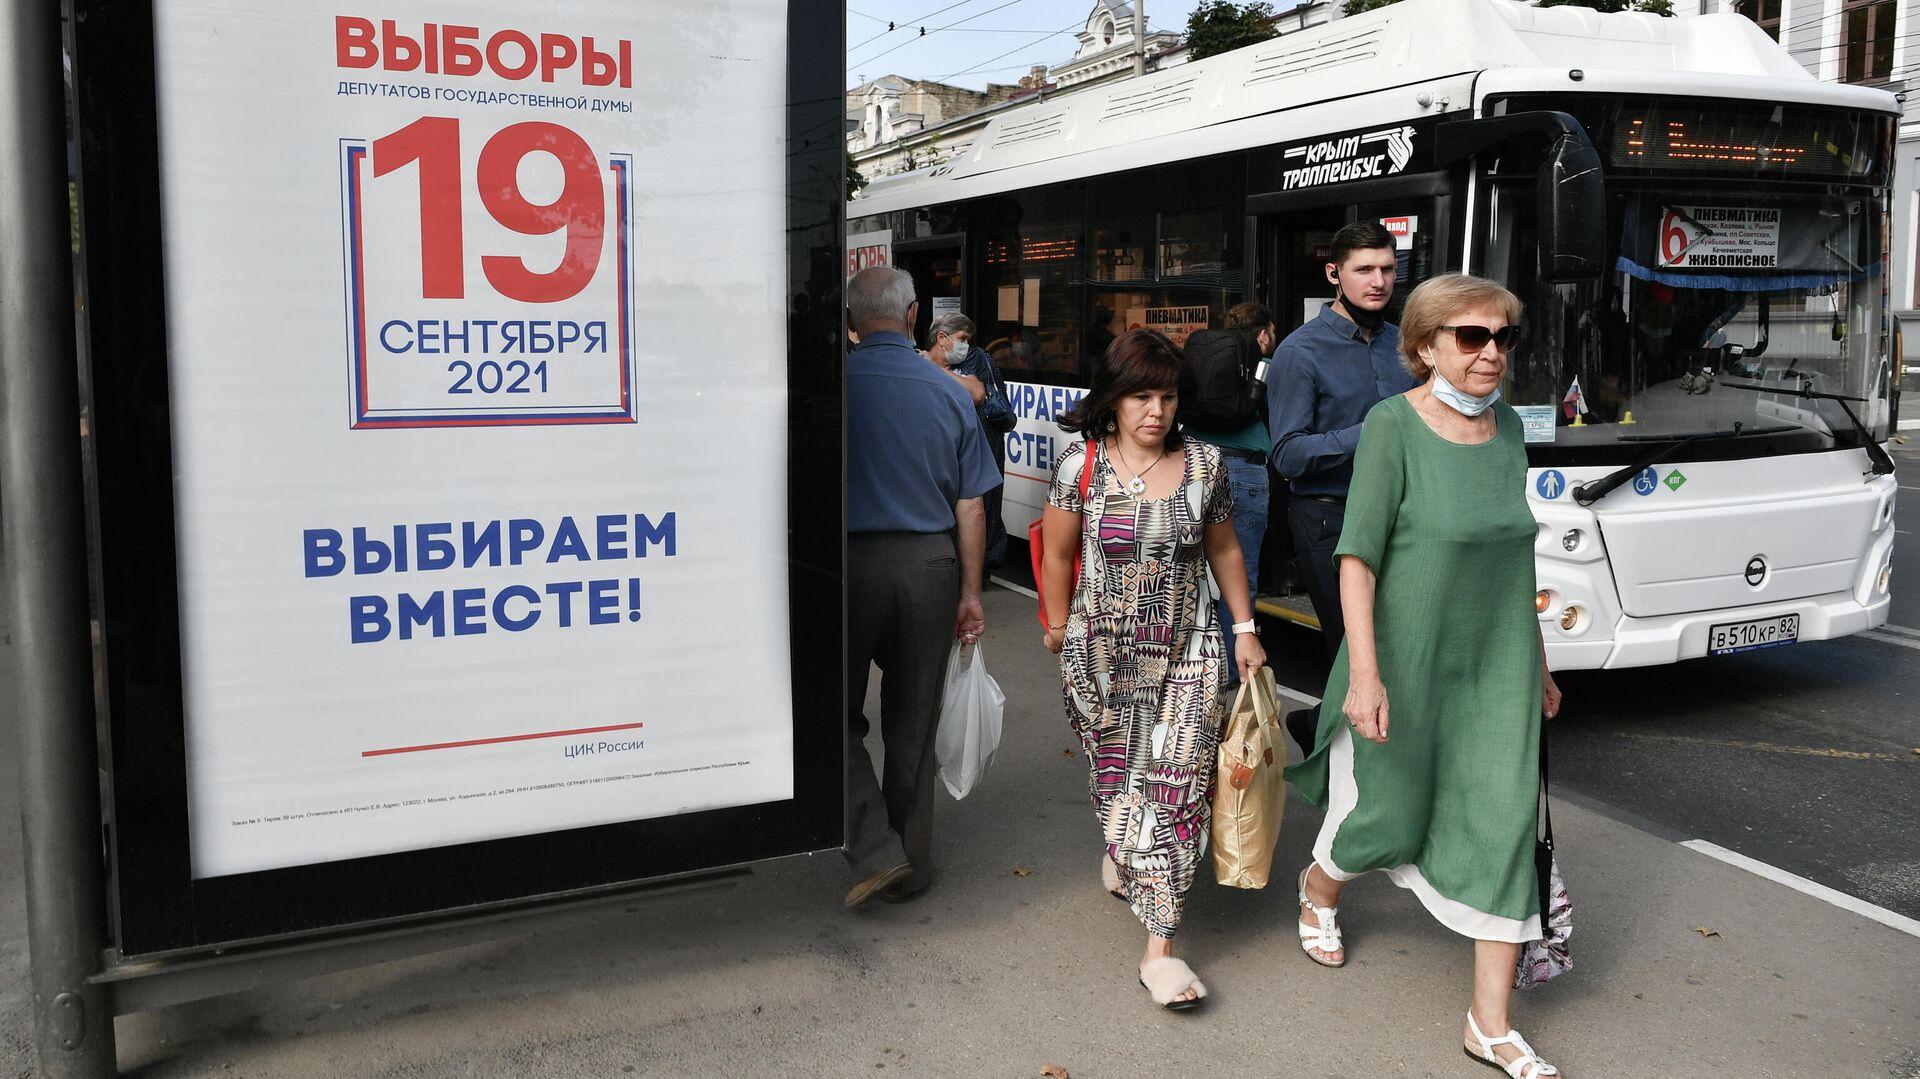 Политологи спрогнозировали высокую явку на выборах в Госдуму